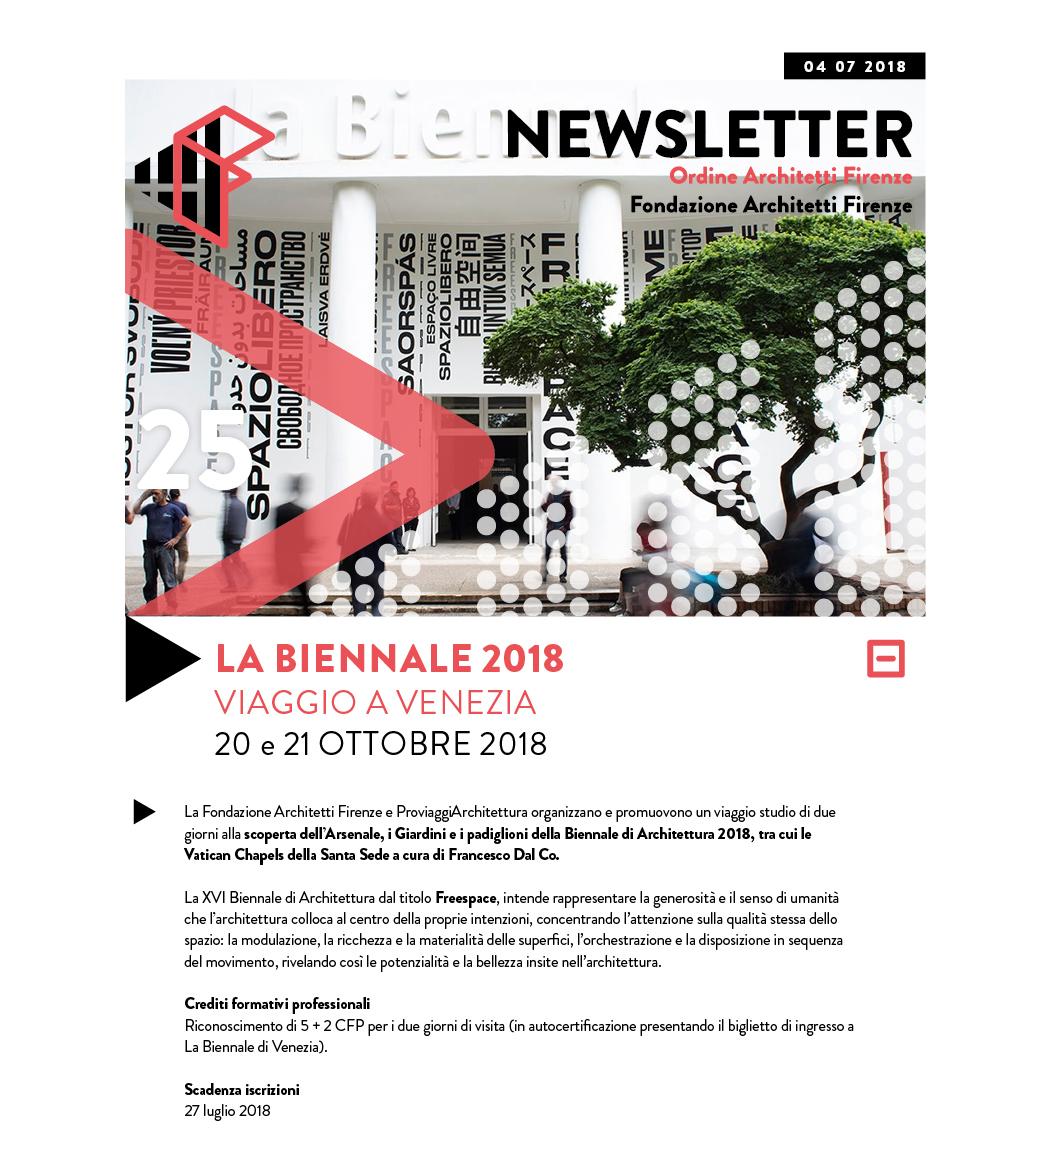 LA BIENNALE 2018 VIAGGIO A VENEZIA 20 e 21 ottobre 2018